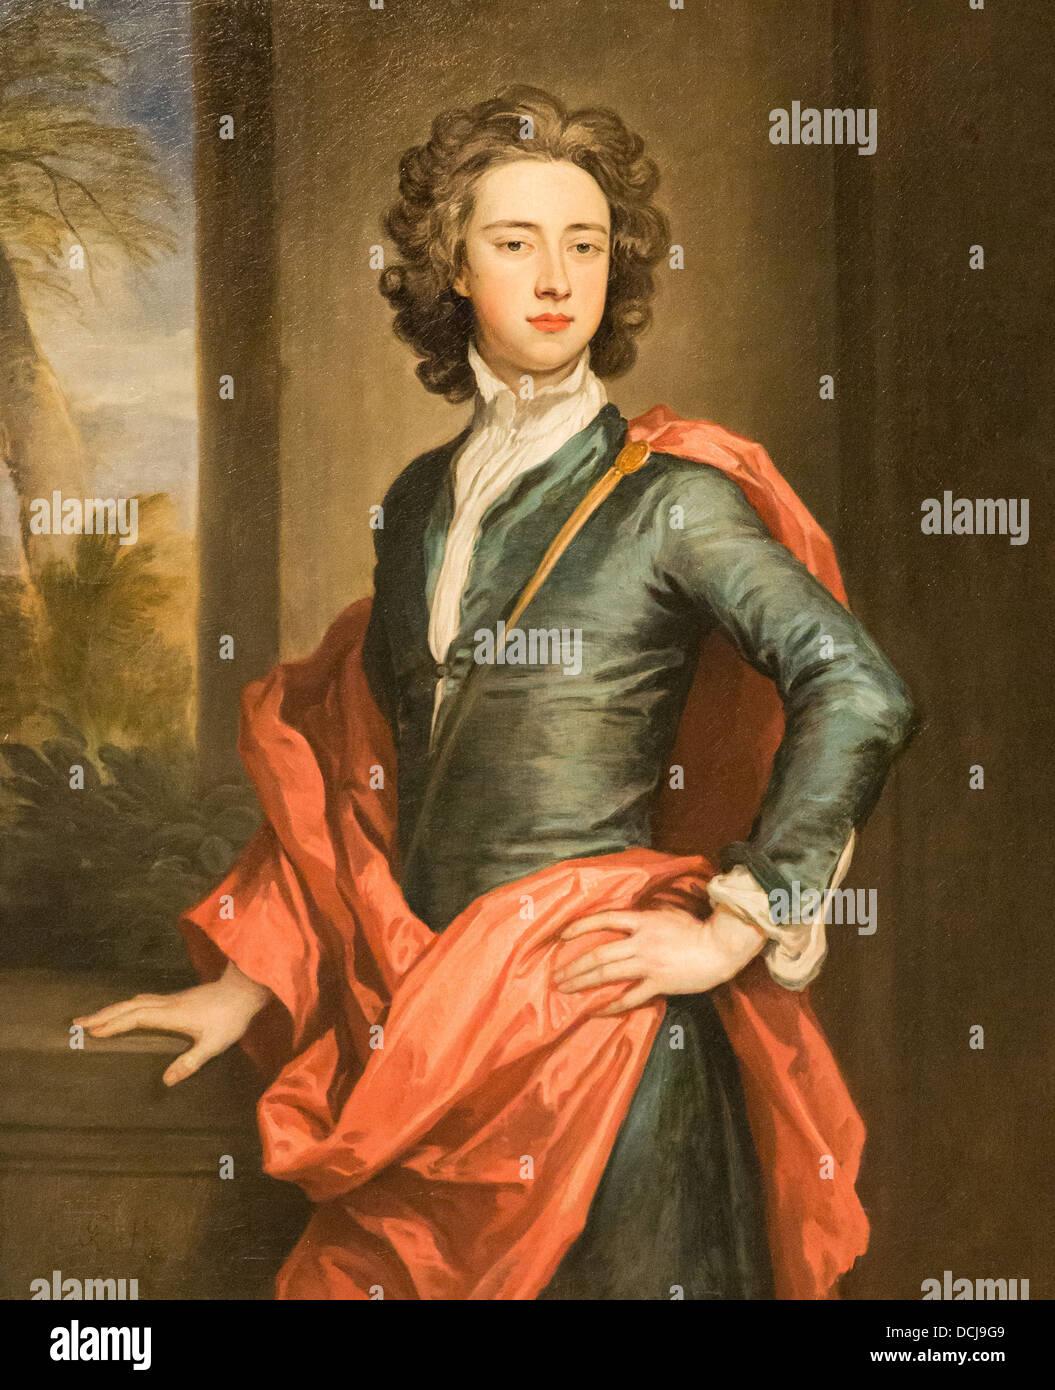 17th century  -  Charles Beauclerk, Duke of St. Albans - Sir Godfrey Kneller (1690) - Oil on canvas - Stock Image